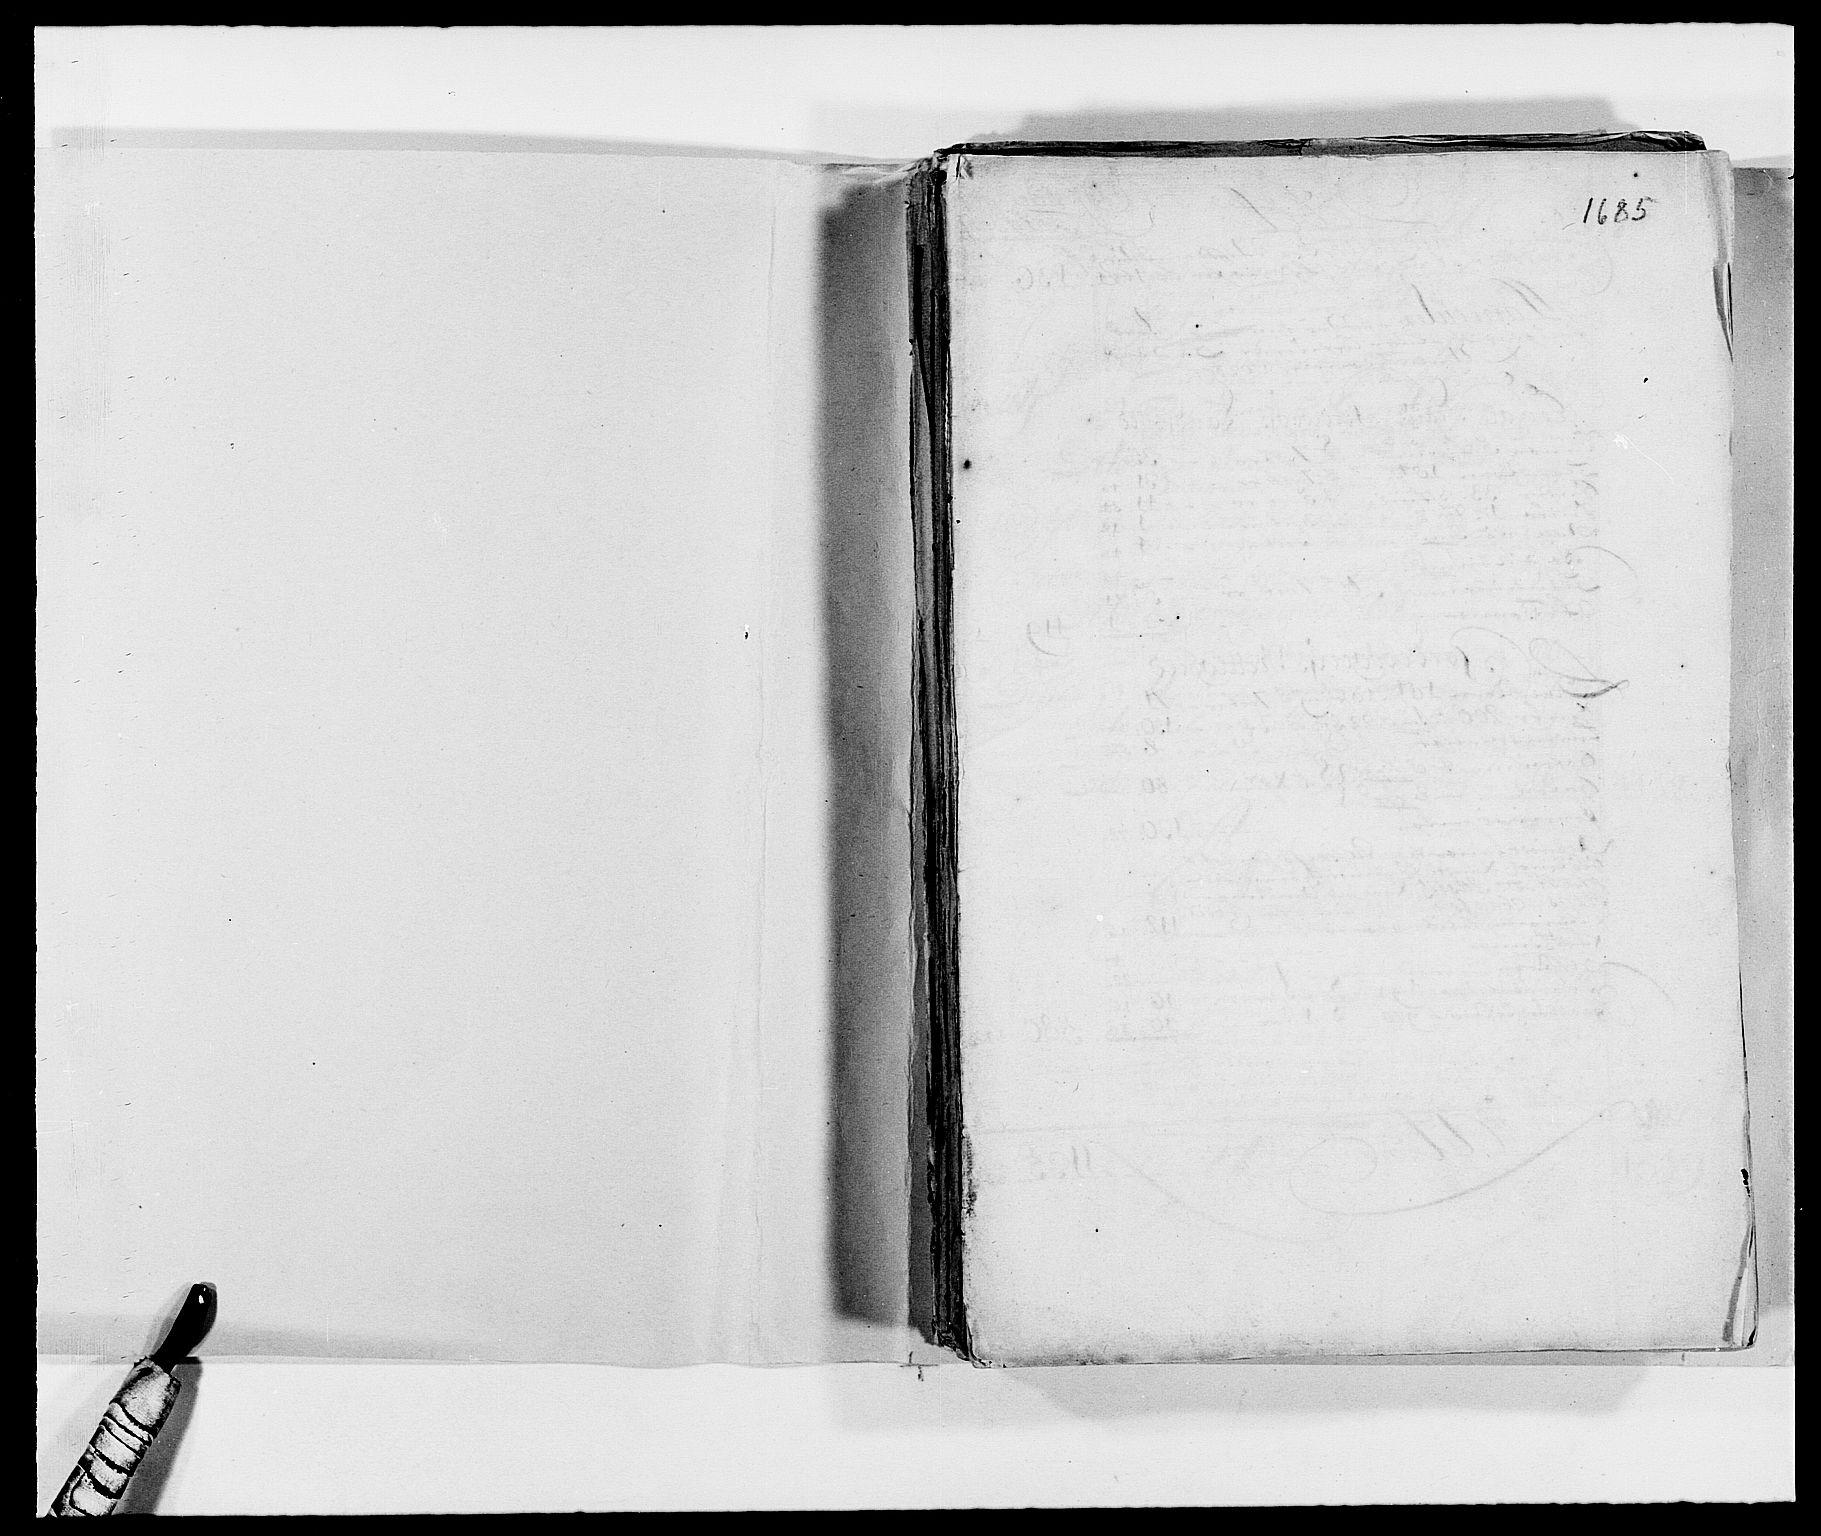 RA, Rentekammeret inntil 1814, Reviderte regnskaper, Fogderegnskap, R01/L0006: Fogderegnskap Idd og Marker, 1685-1686, s. 2